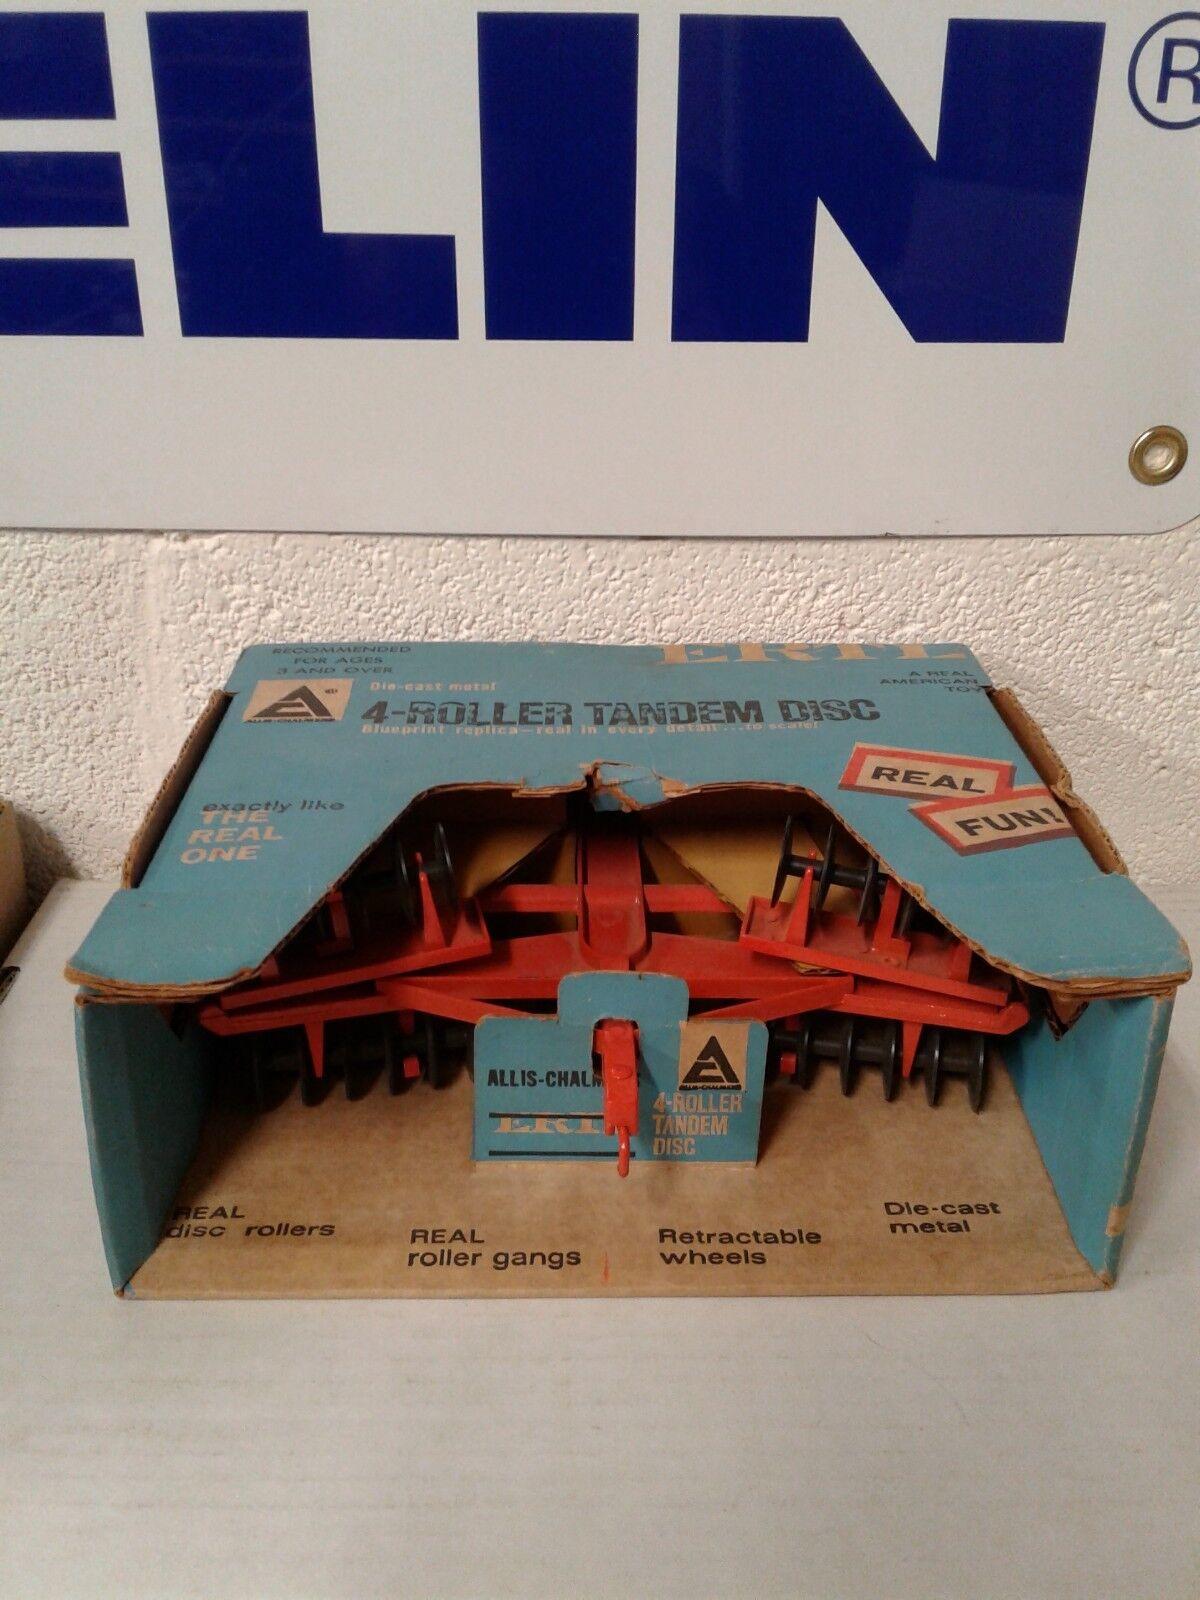 1 16 ERTL Farm Toy ALLIS CHALMERS 4 Rouleau Tandem Disc disque en boîte bleue